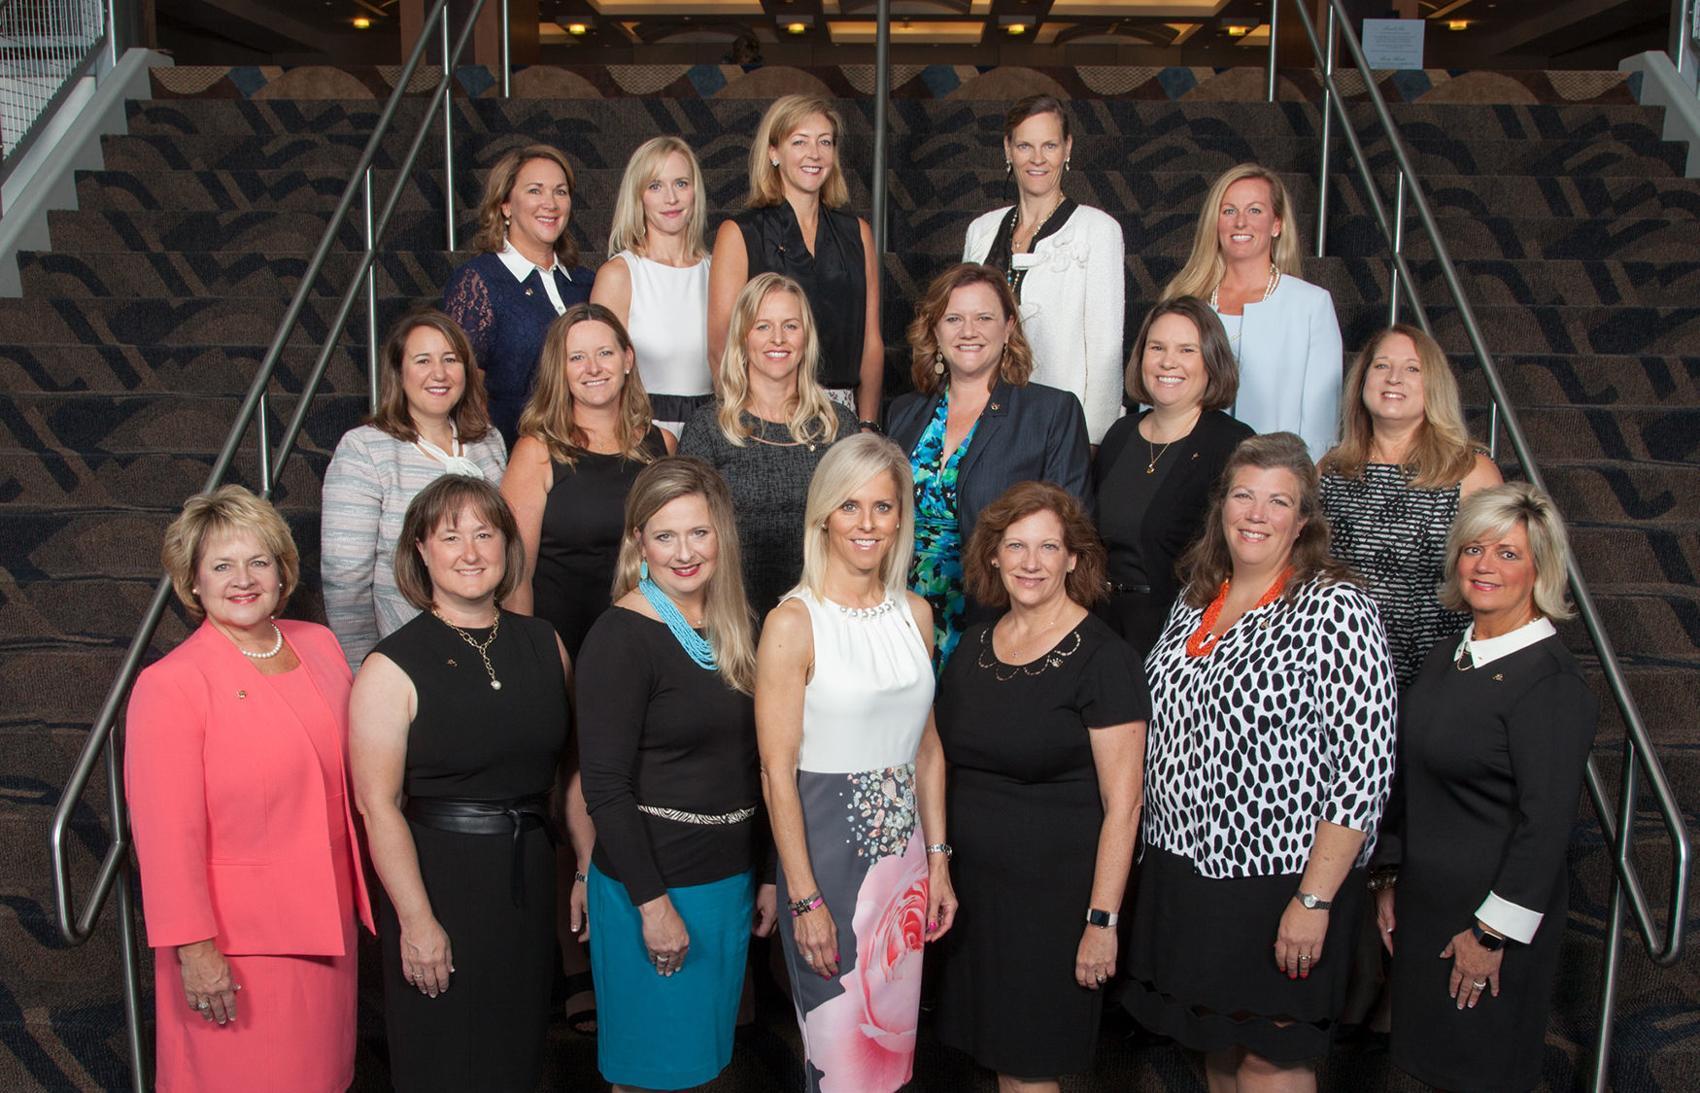 Women's ball committee